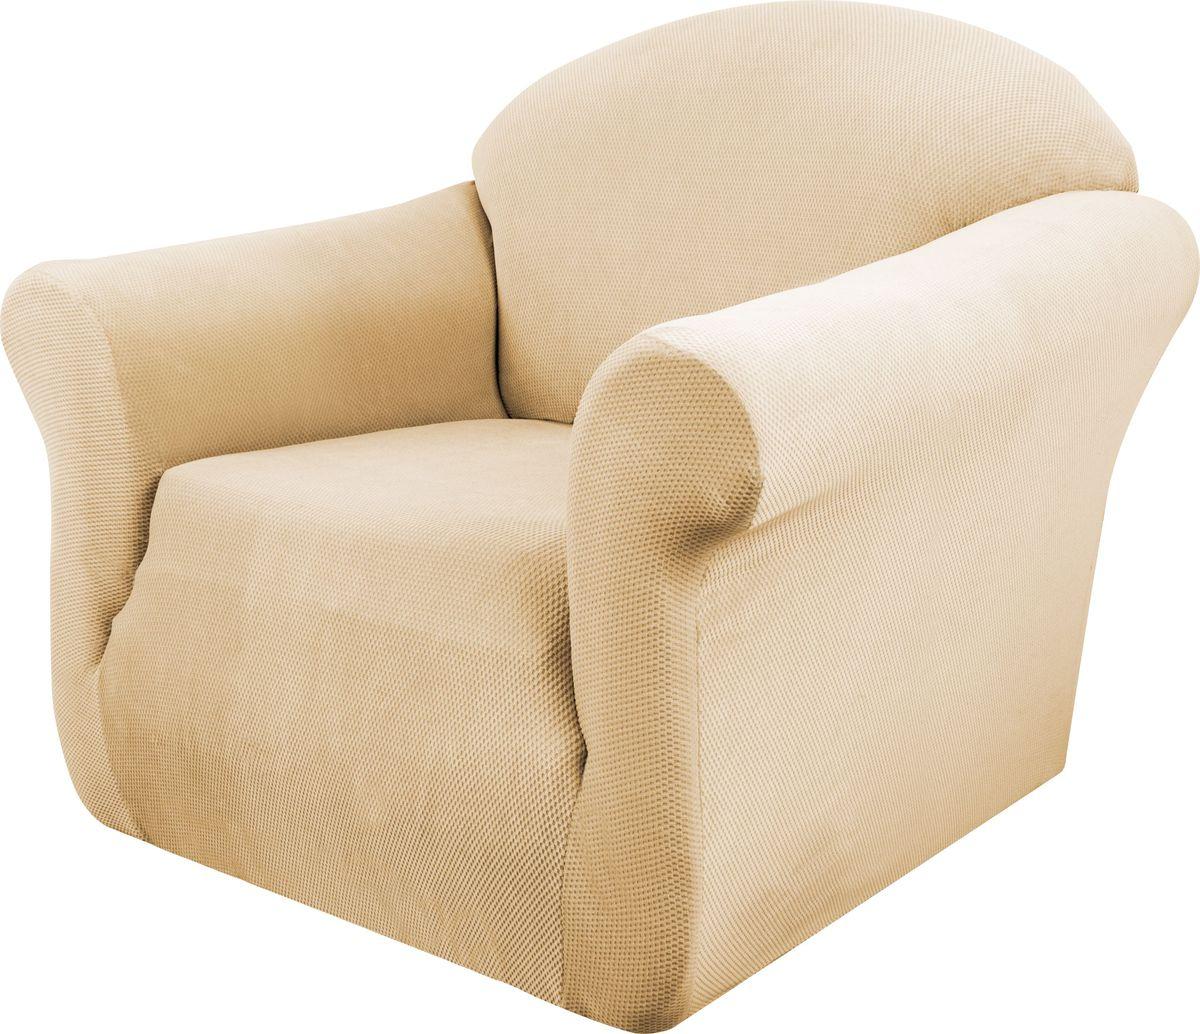 Чехол на кресло Медежда Бирмингем, цвет: бежевый1401031103002Чехол на кресло из коллекции Бирмингем изготовлен из стрейчевого велюра. Поверхность велюра приятна для прикосновений. Сочетание нежности и прочности - визитная карточка велюра. Вещи из него даже спустя много лет смотрятся, как новые. Велюр - по праву один из уверенных лидеров среди мебельных тканей. Тонкий геометрический дизайн добавляет уют помещению. Чехол легко растягивается и хорошо принимает форму кресла, подходит для большинства стандартных кресел с шириной спинки от 80 до 110 см и высотой не более 95 см.